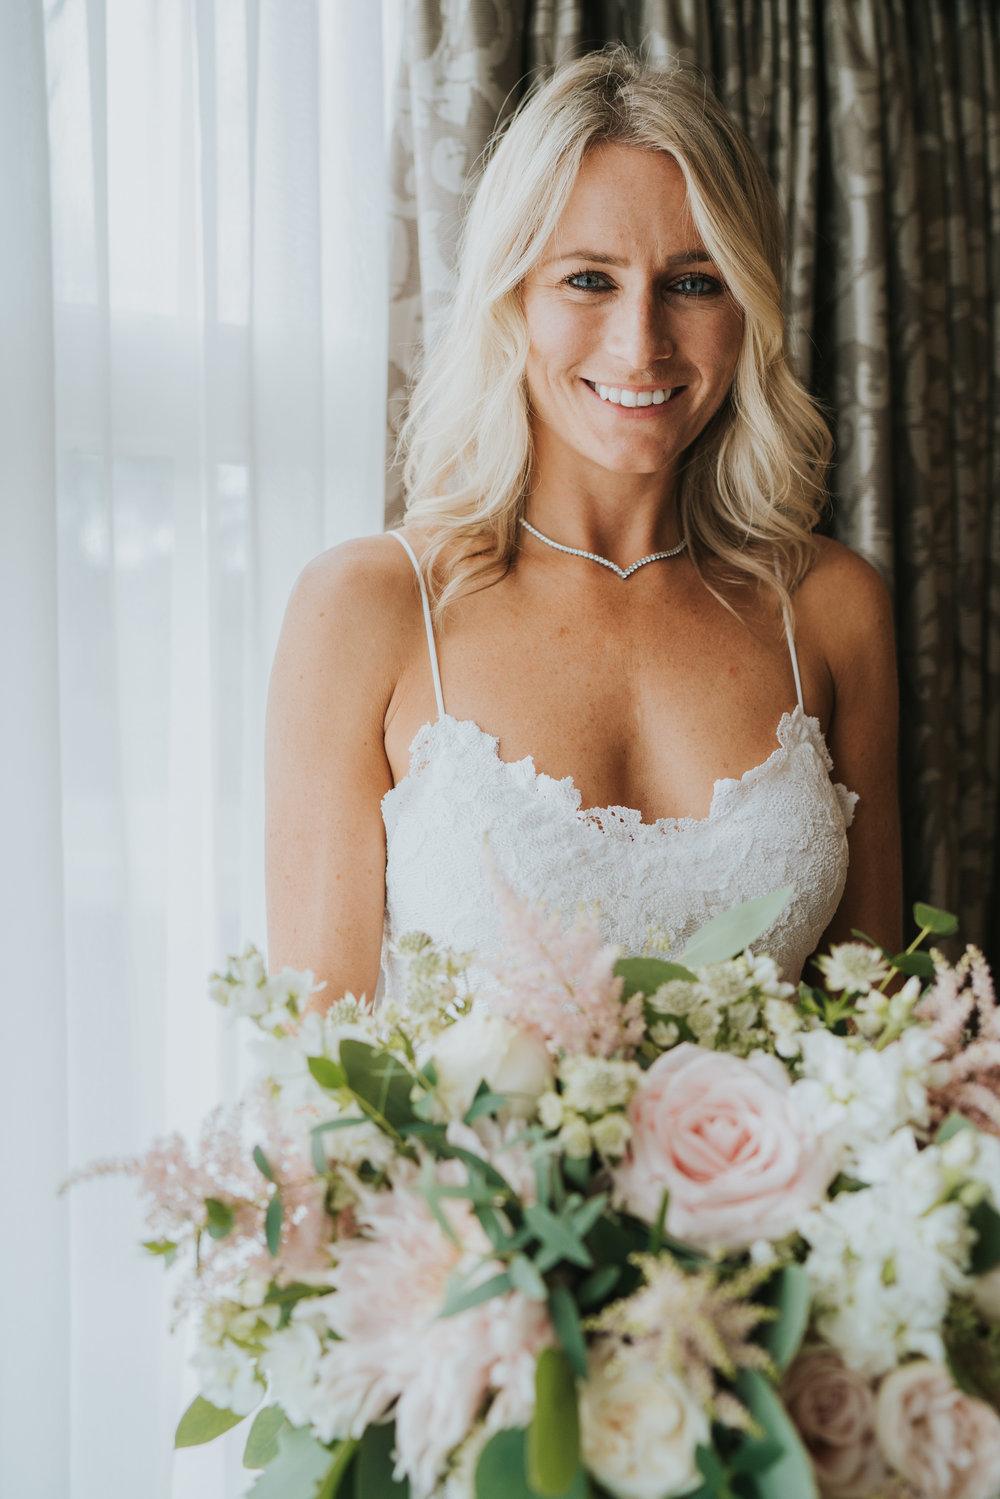 intimate-english-church-wedding-sarah-alex-colchester-essex-grace-elizabeth-colchester-essex-alternative-wedding-lifestyle-photographer-essex-suffolk-norfolk-devon (5 of 92).jpg